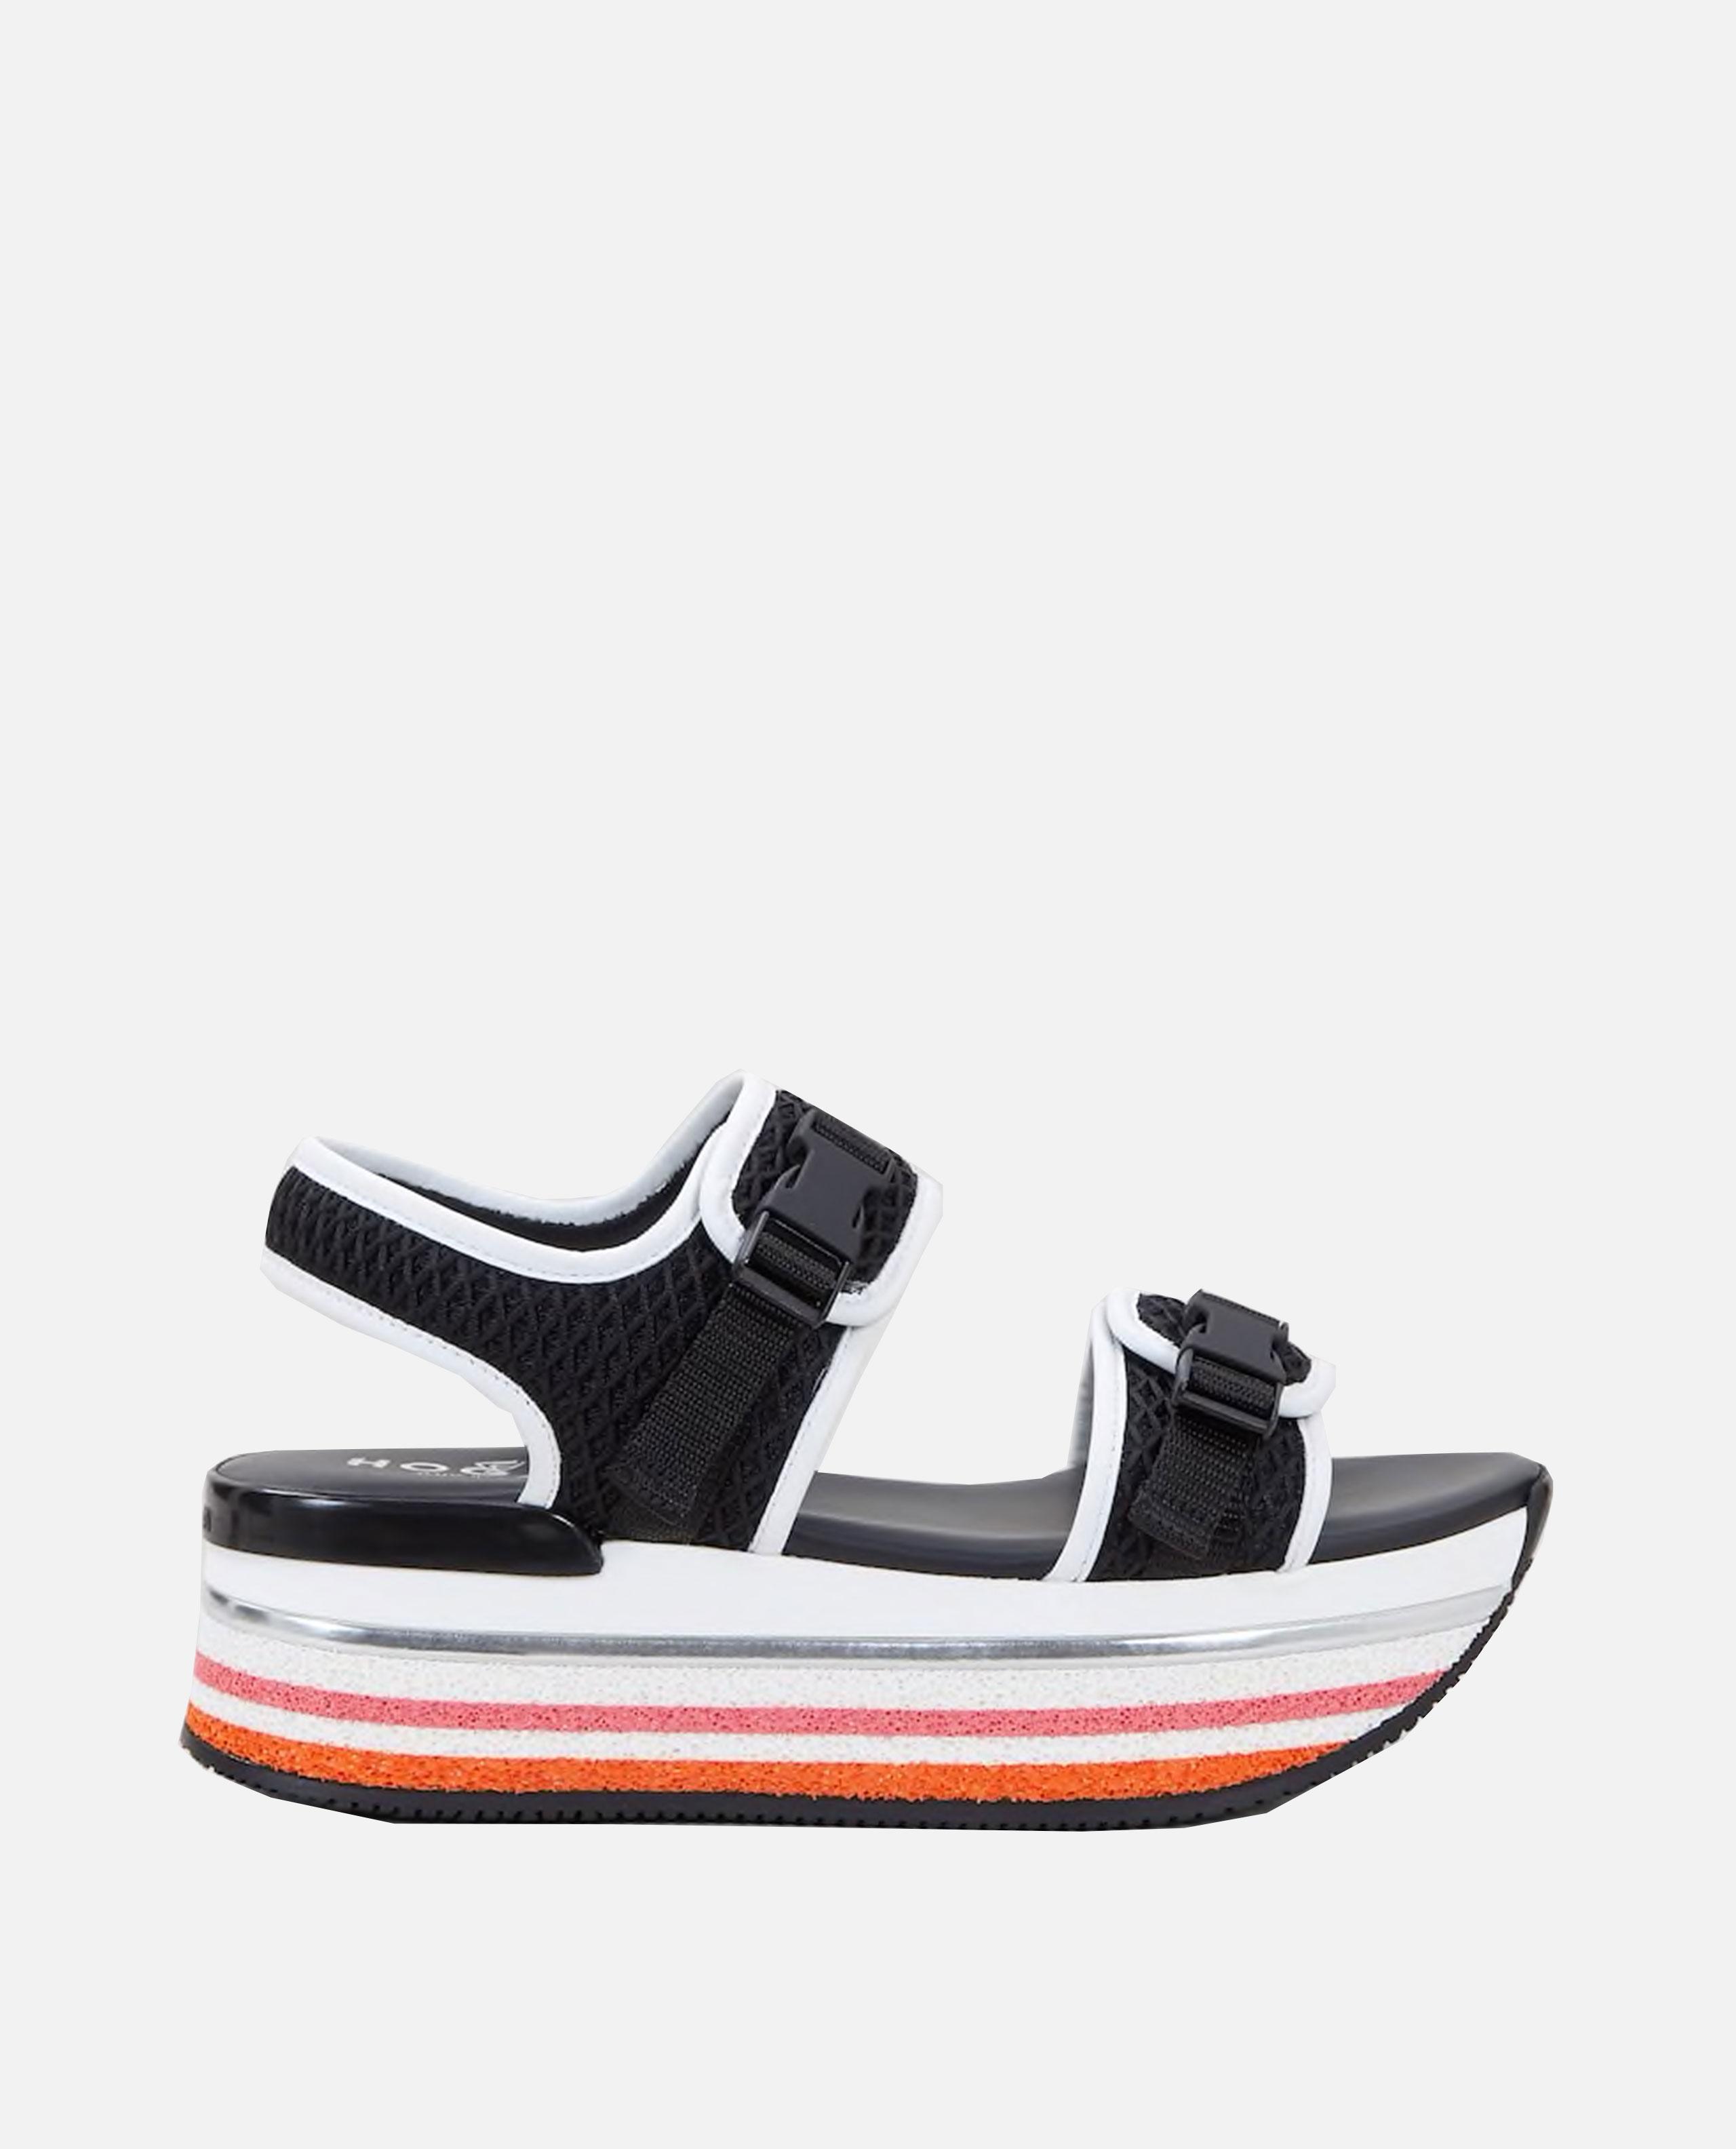 Maxi H222 sandals